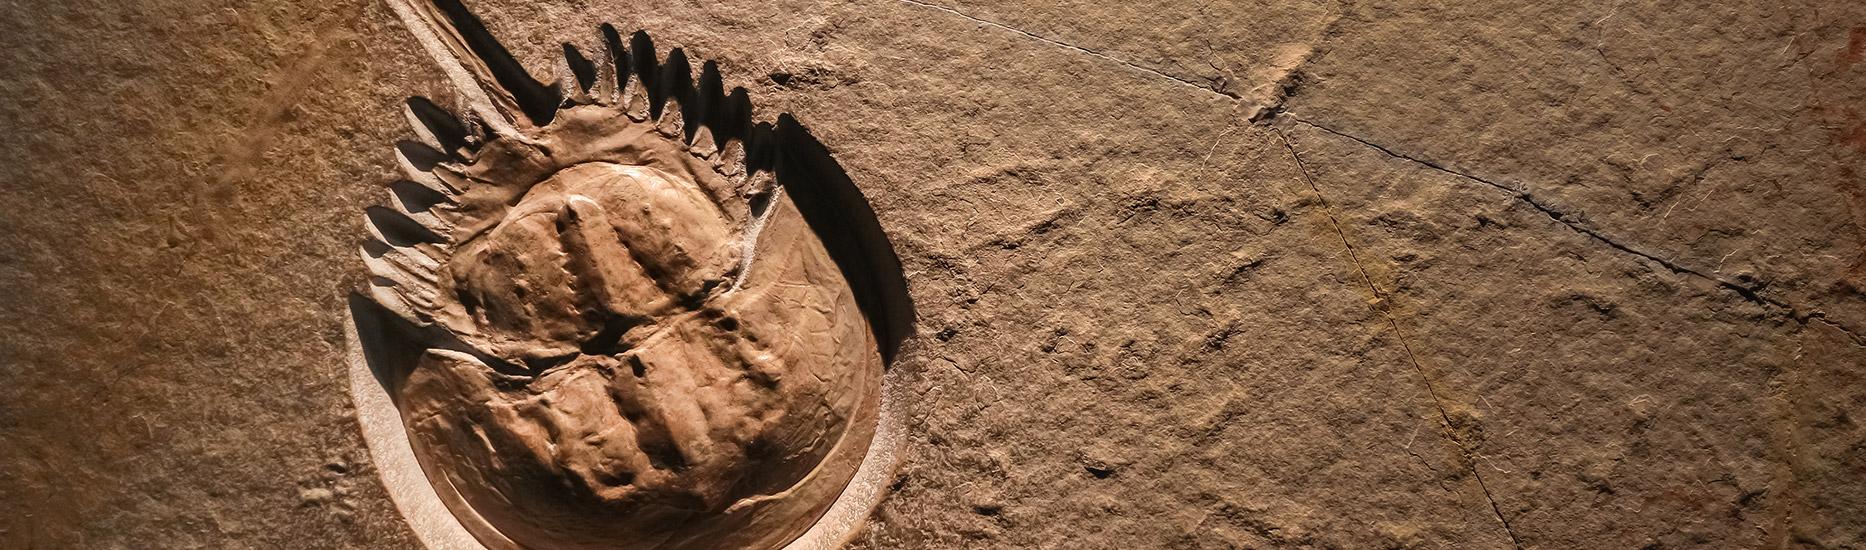 Fossilien – Beweis für Evolution?